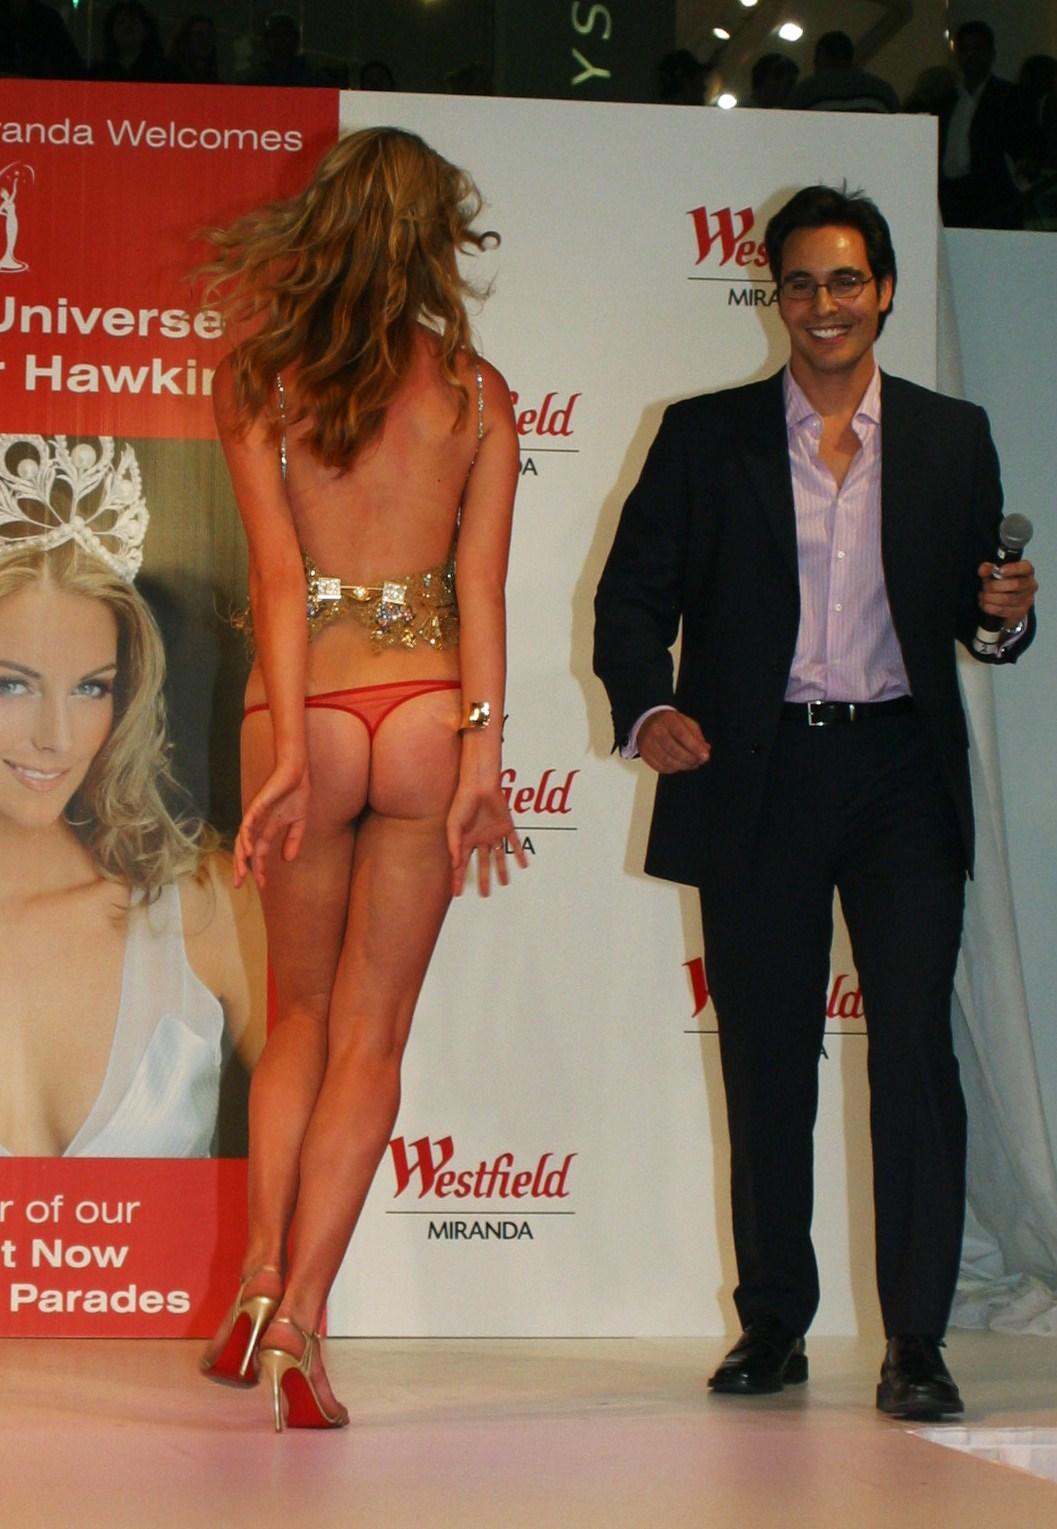 Miss Universo Pierde La Falda - Nalgas MissUNIVERSE2%20085